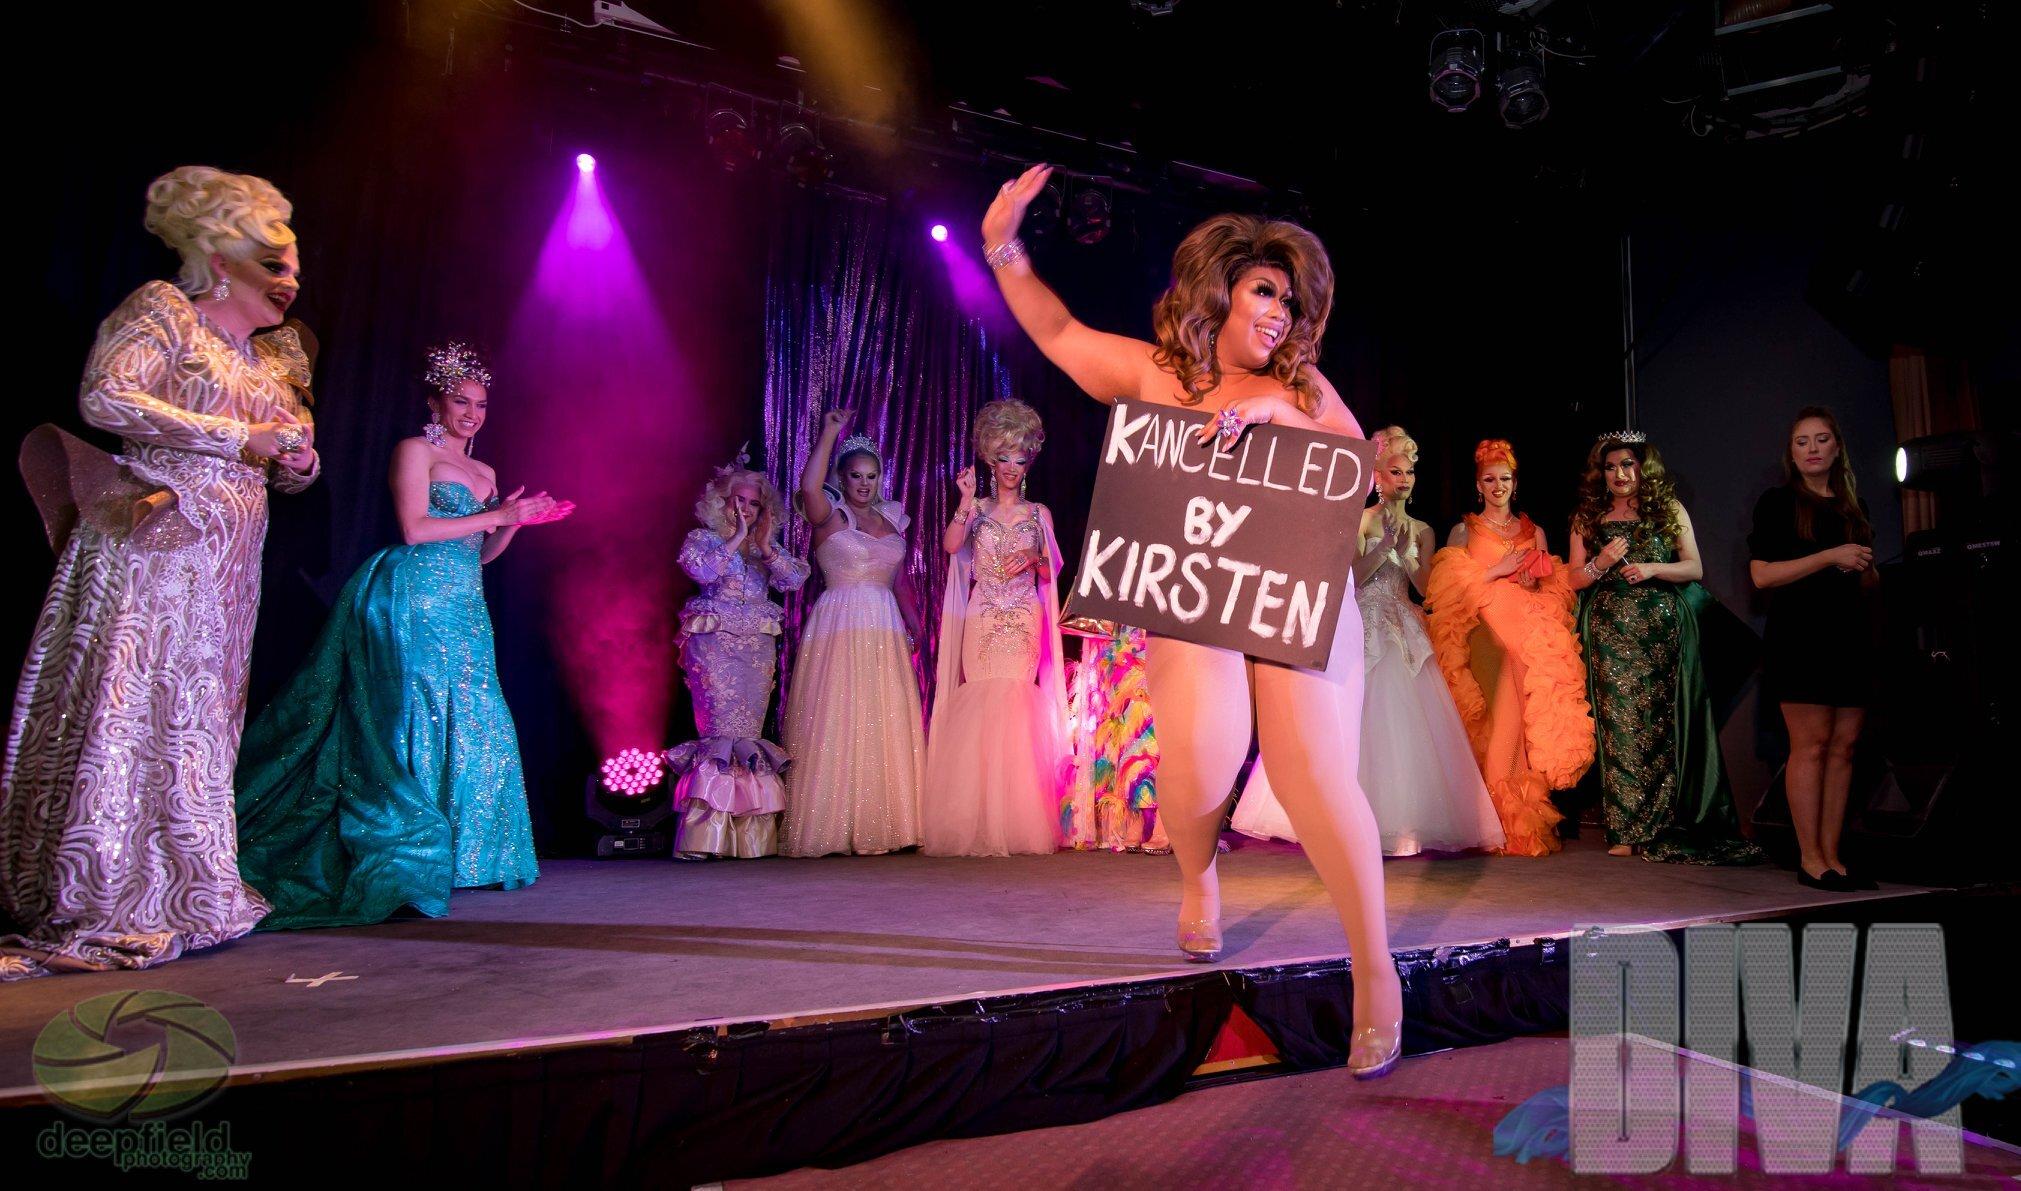 bell-of-the-ball-carmen-geddit-diva-awards-sydney-drag-queen-royalty-best-hire-drag-race-australia.jpg